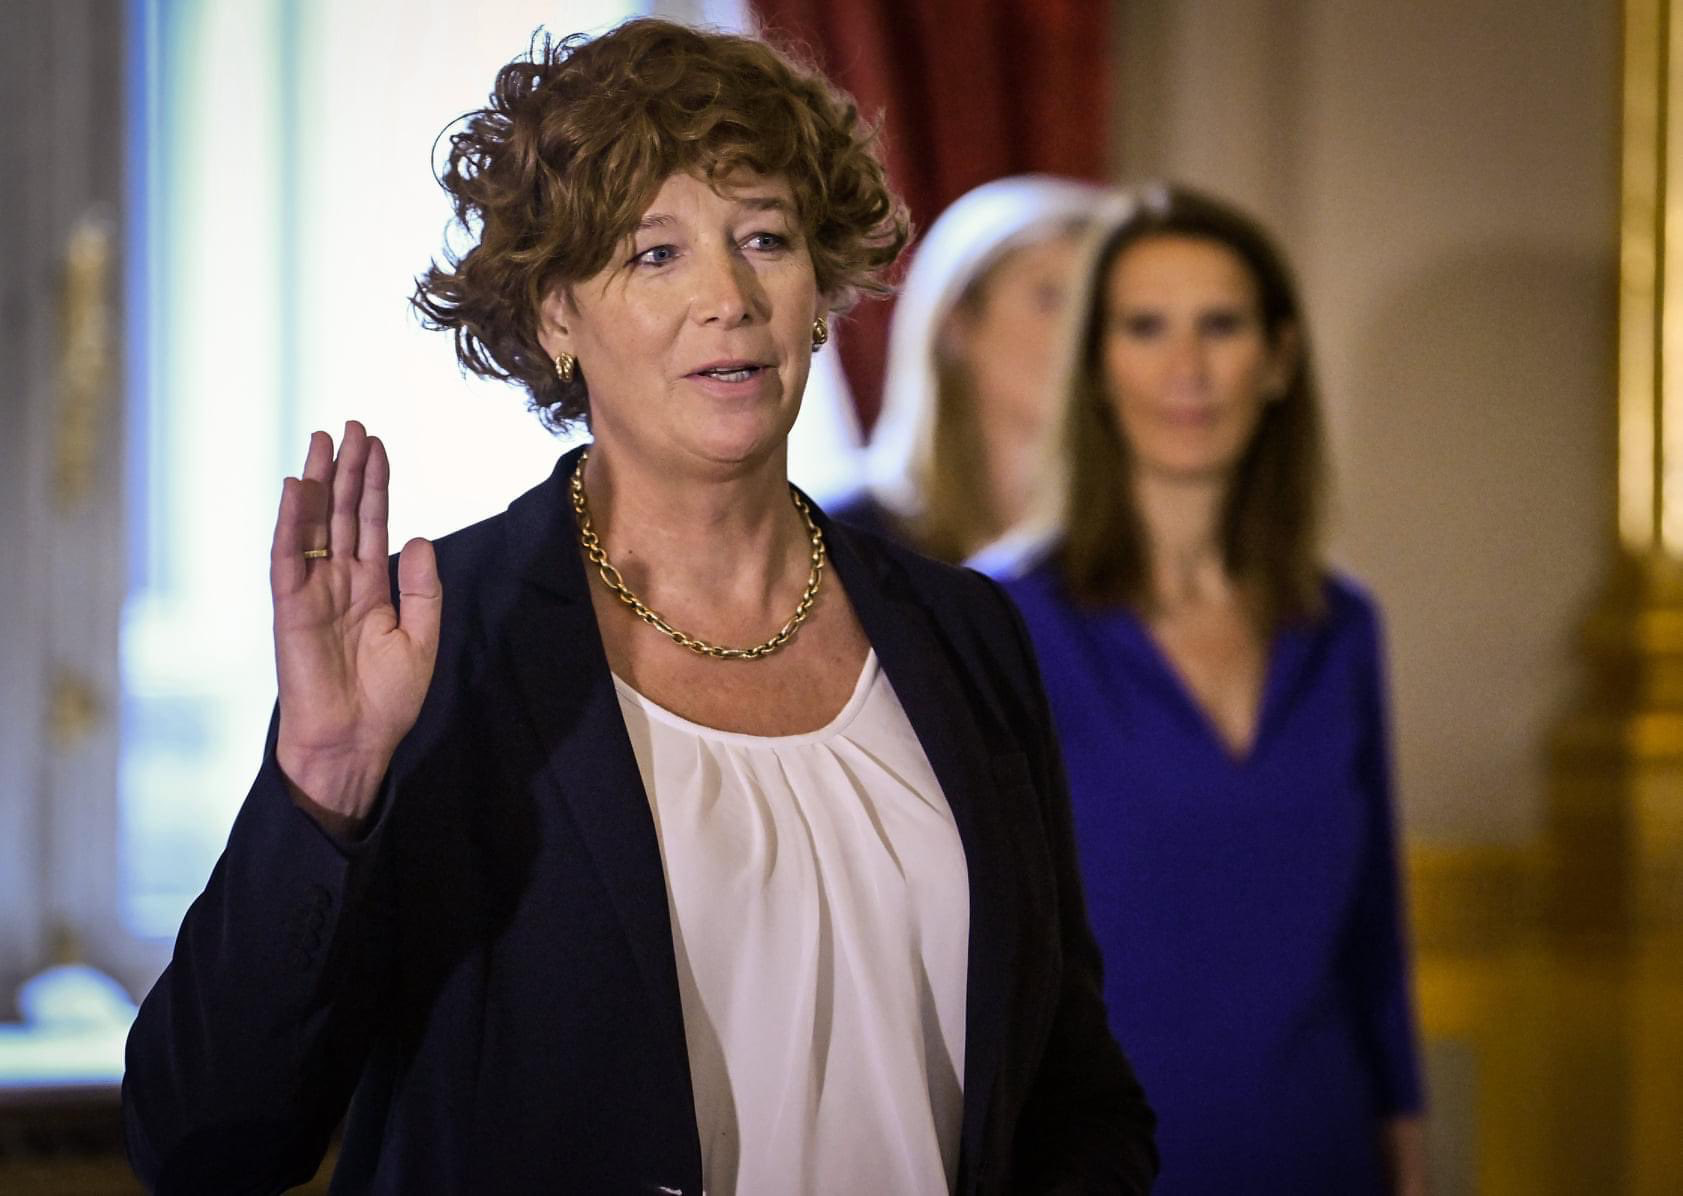 Віцепрем'єкою Бельгії стала трансгендерна жінка